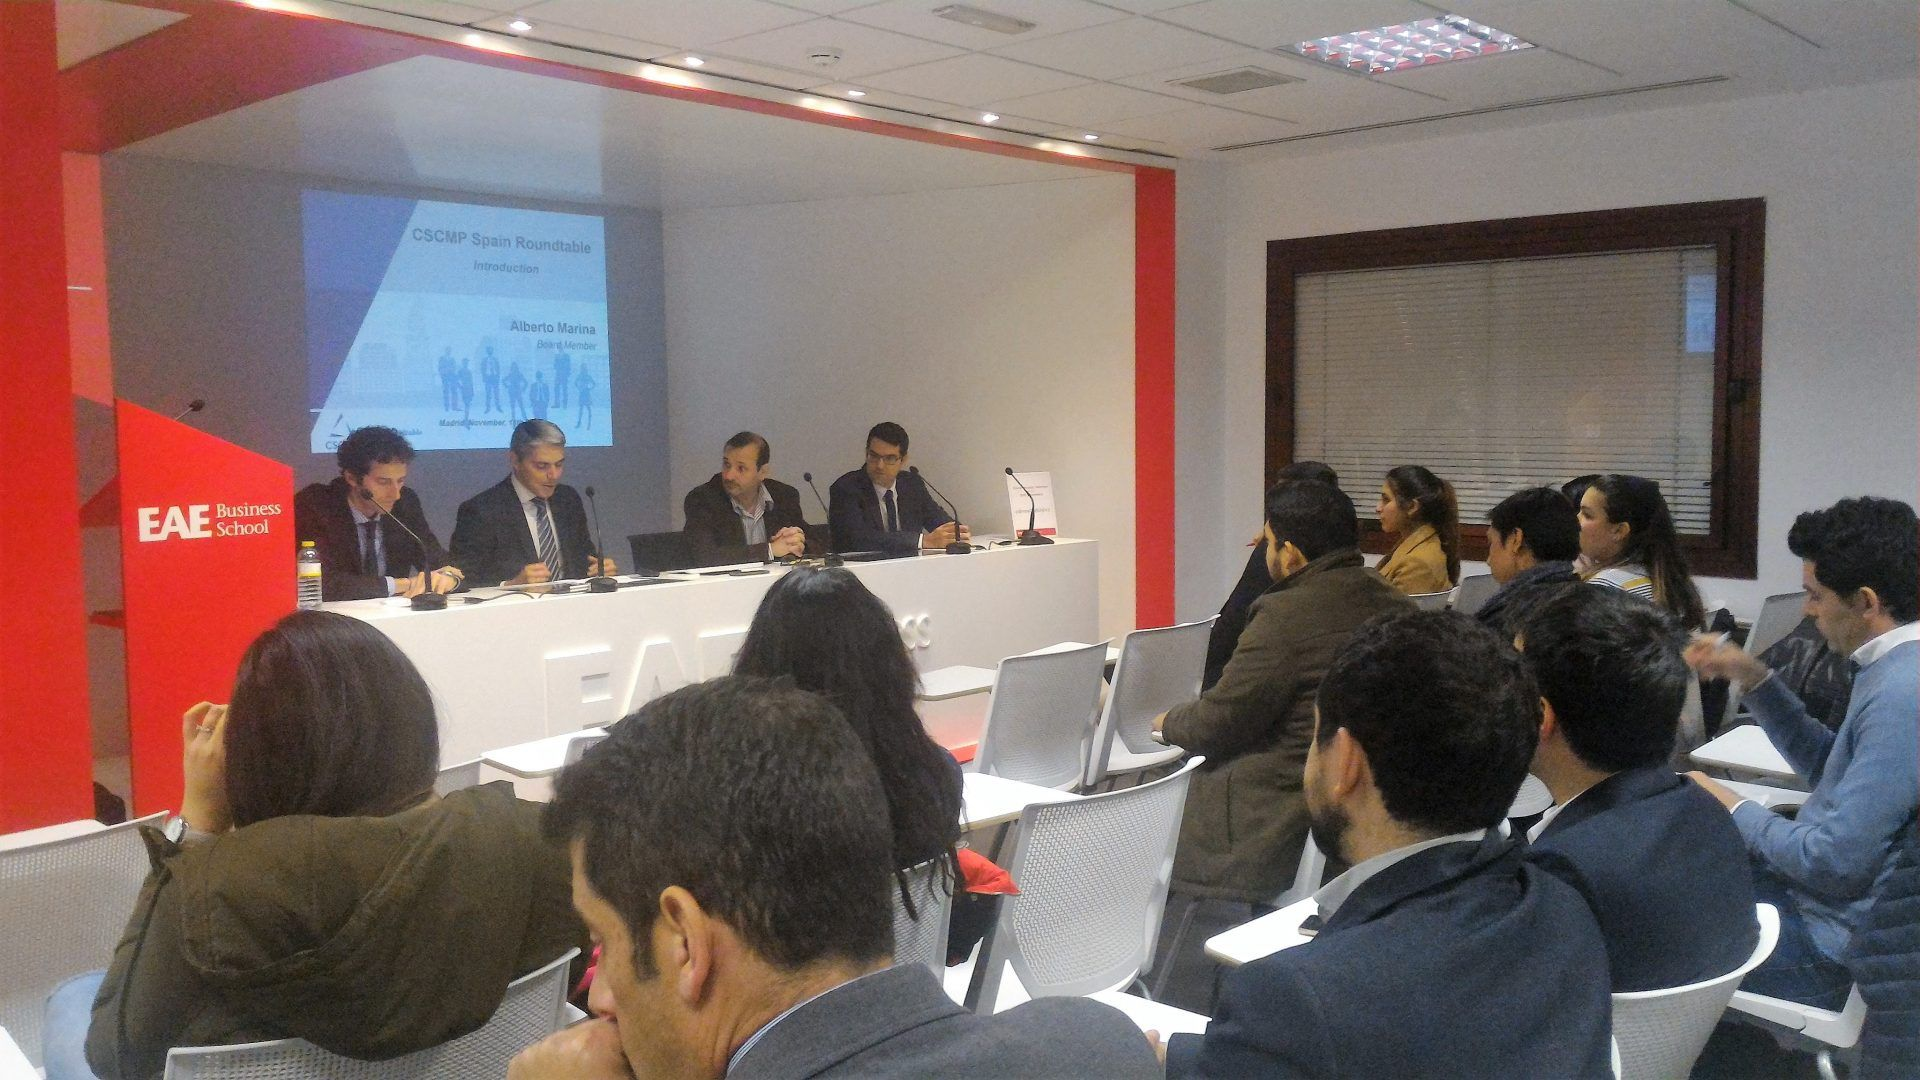 Situación actual, retos y tendencias en la digitalización de la cadena de suministro